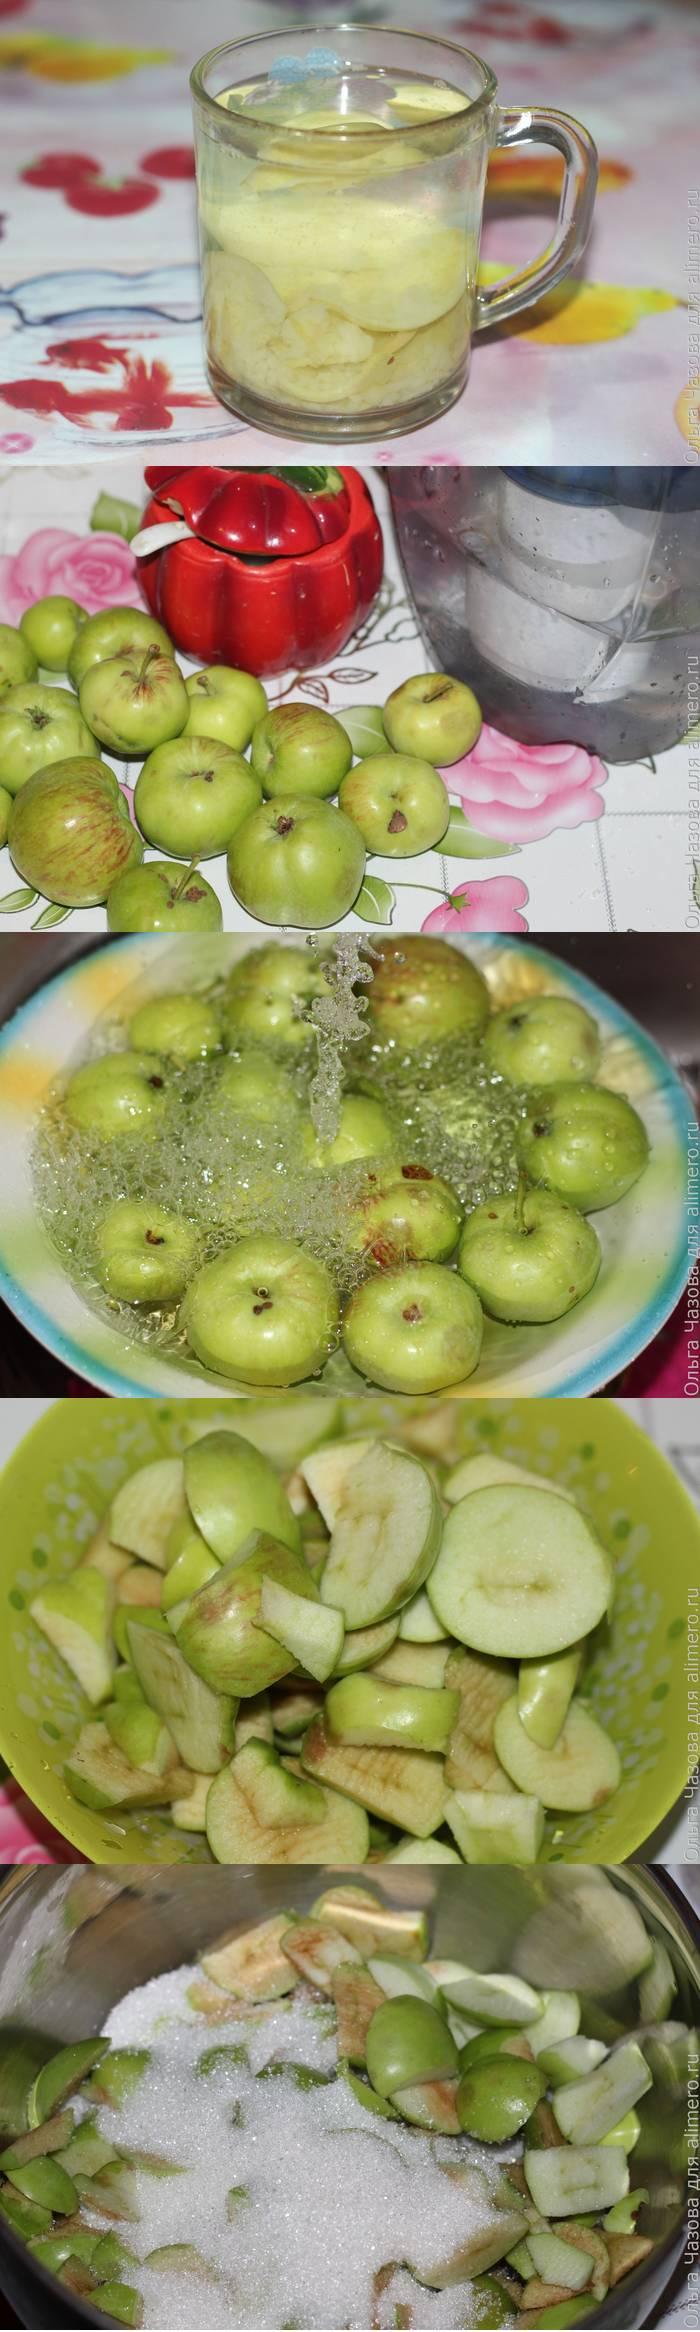 Компот из зеленых яблок